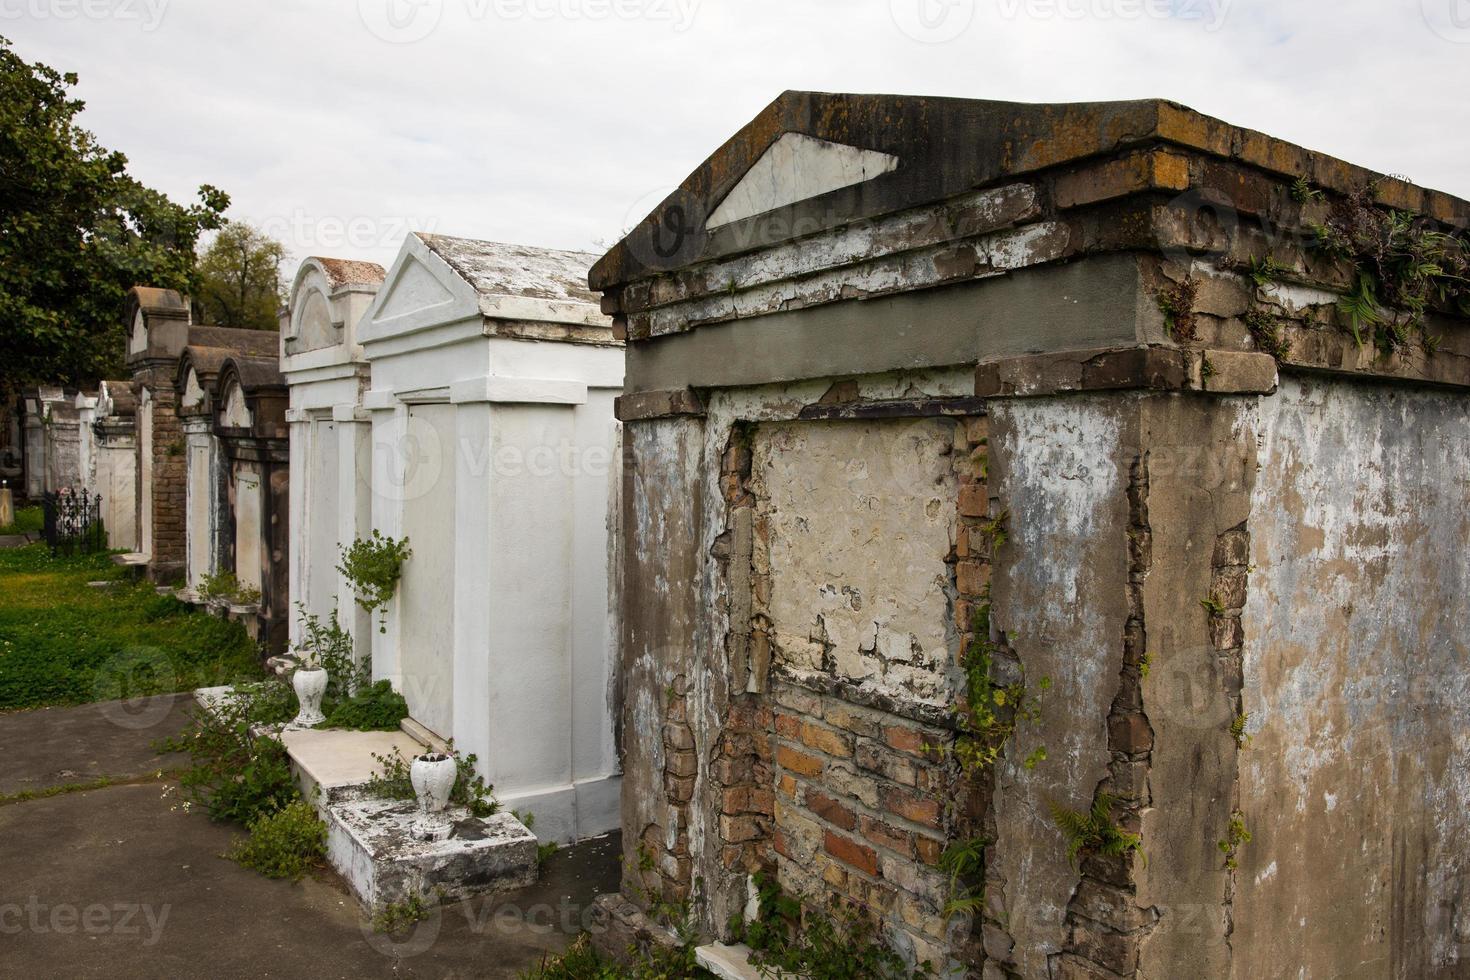 New Orleans - cimitero fuori terra foto